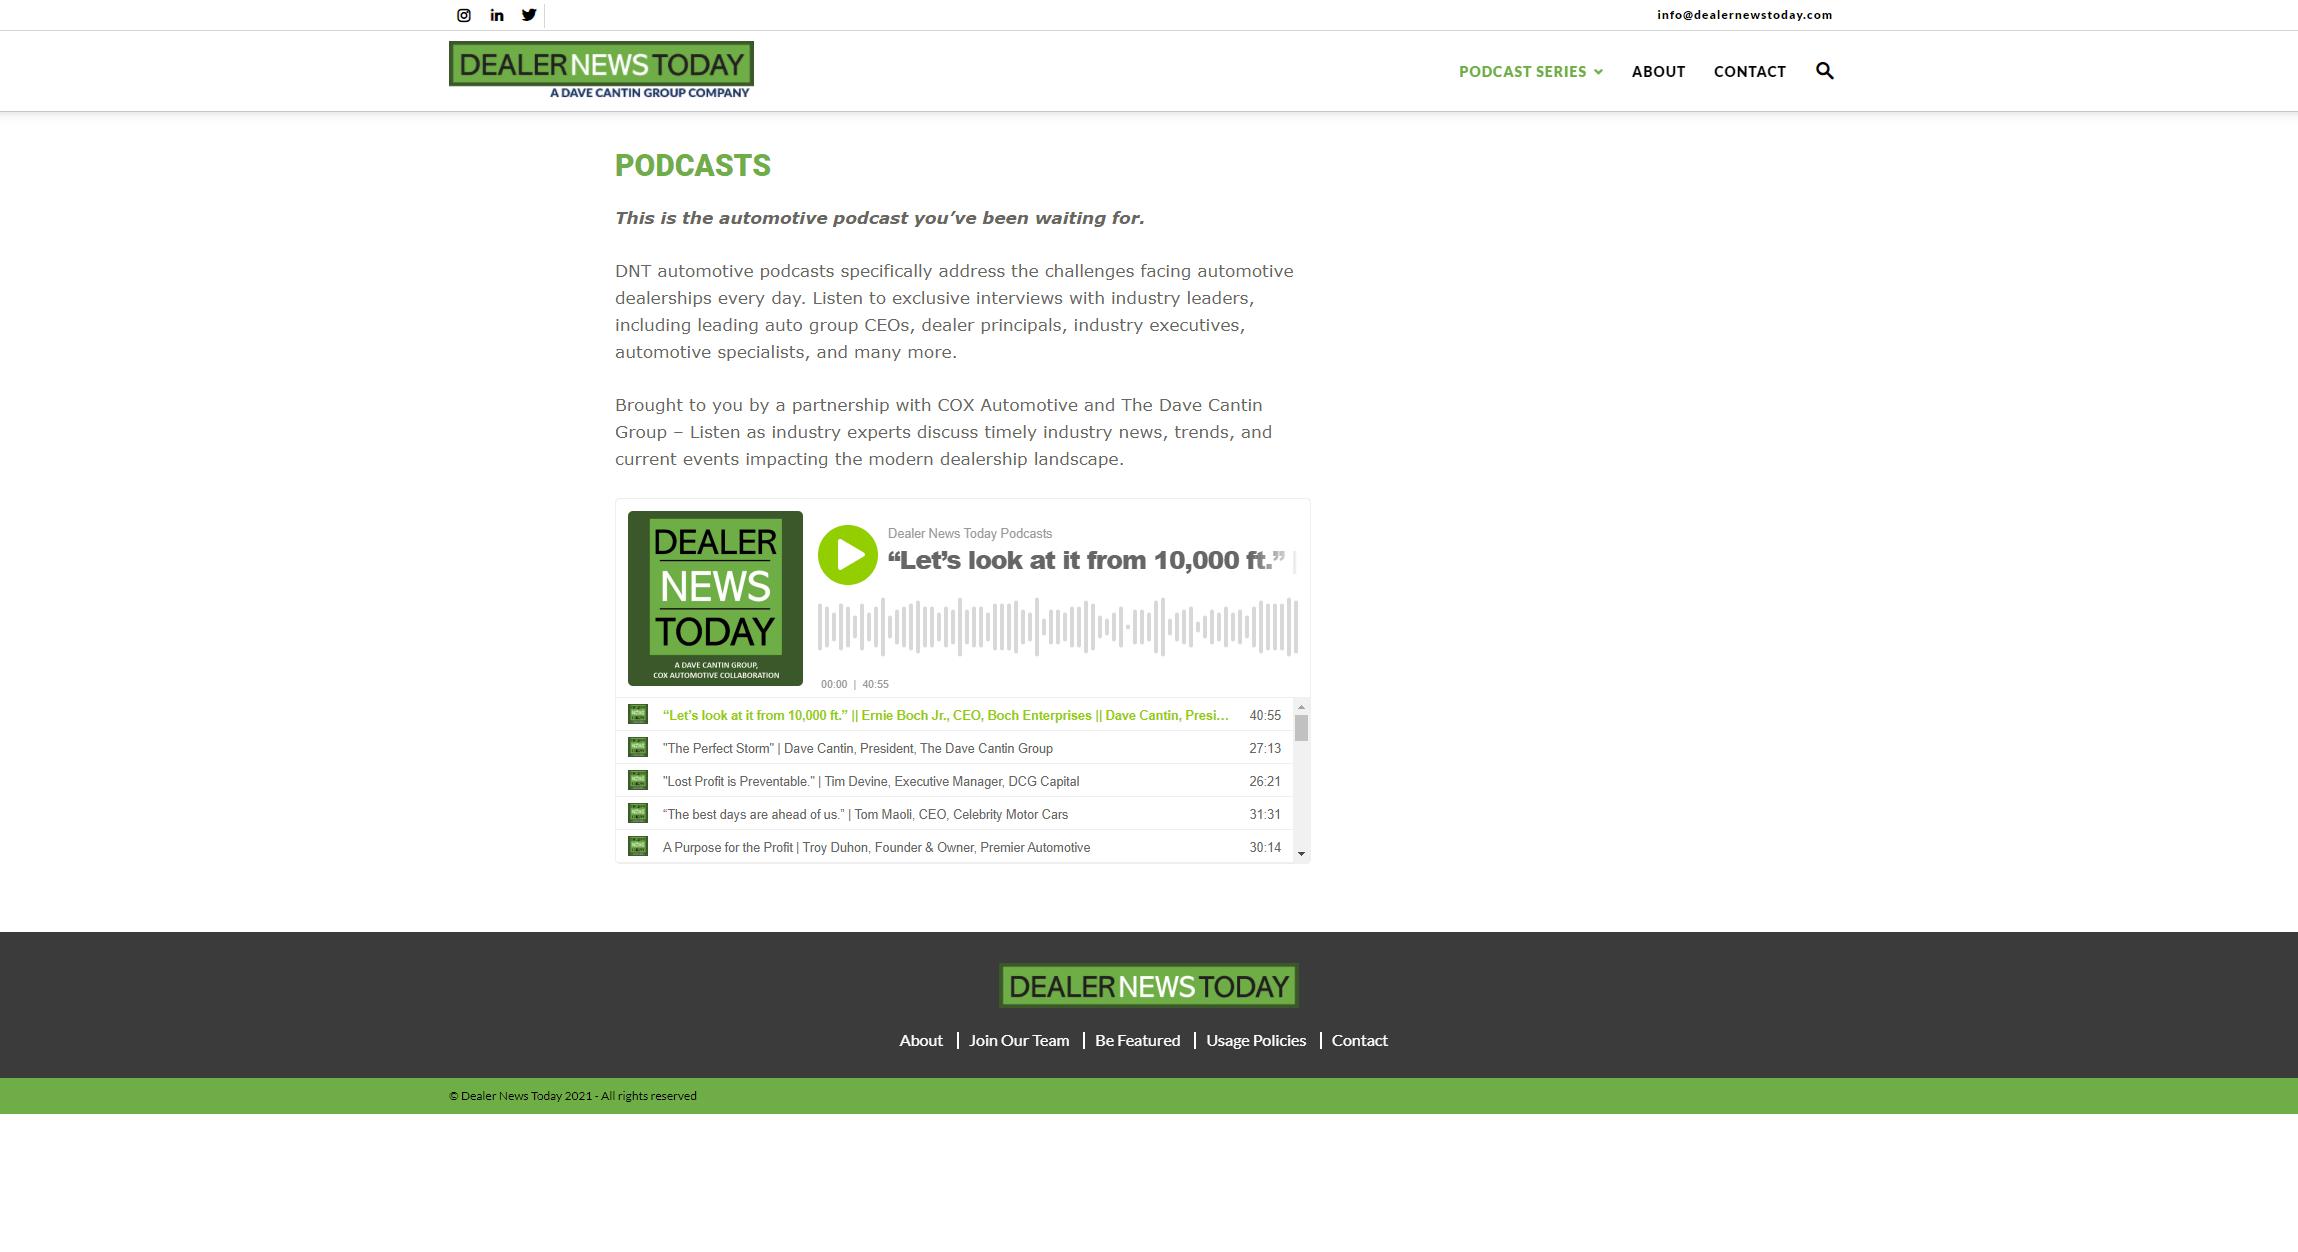 www.dealernewstoday.com